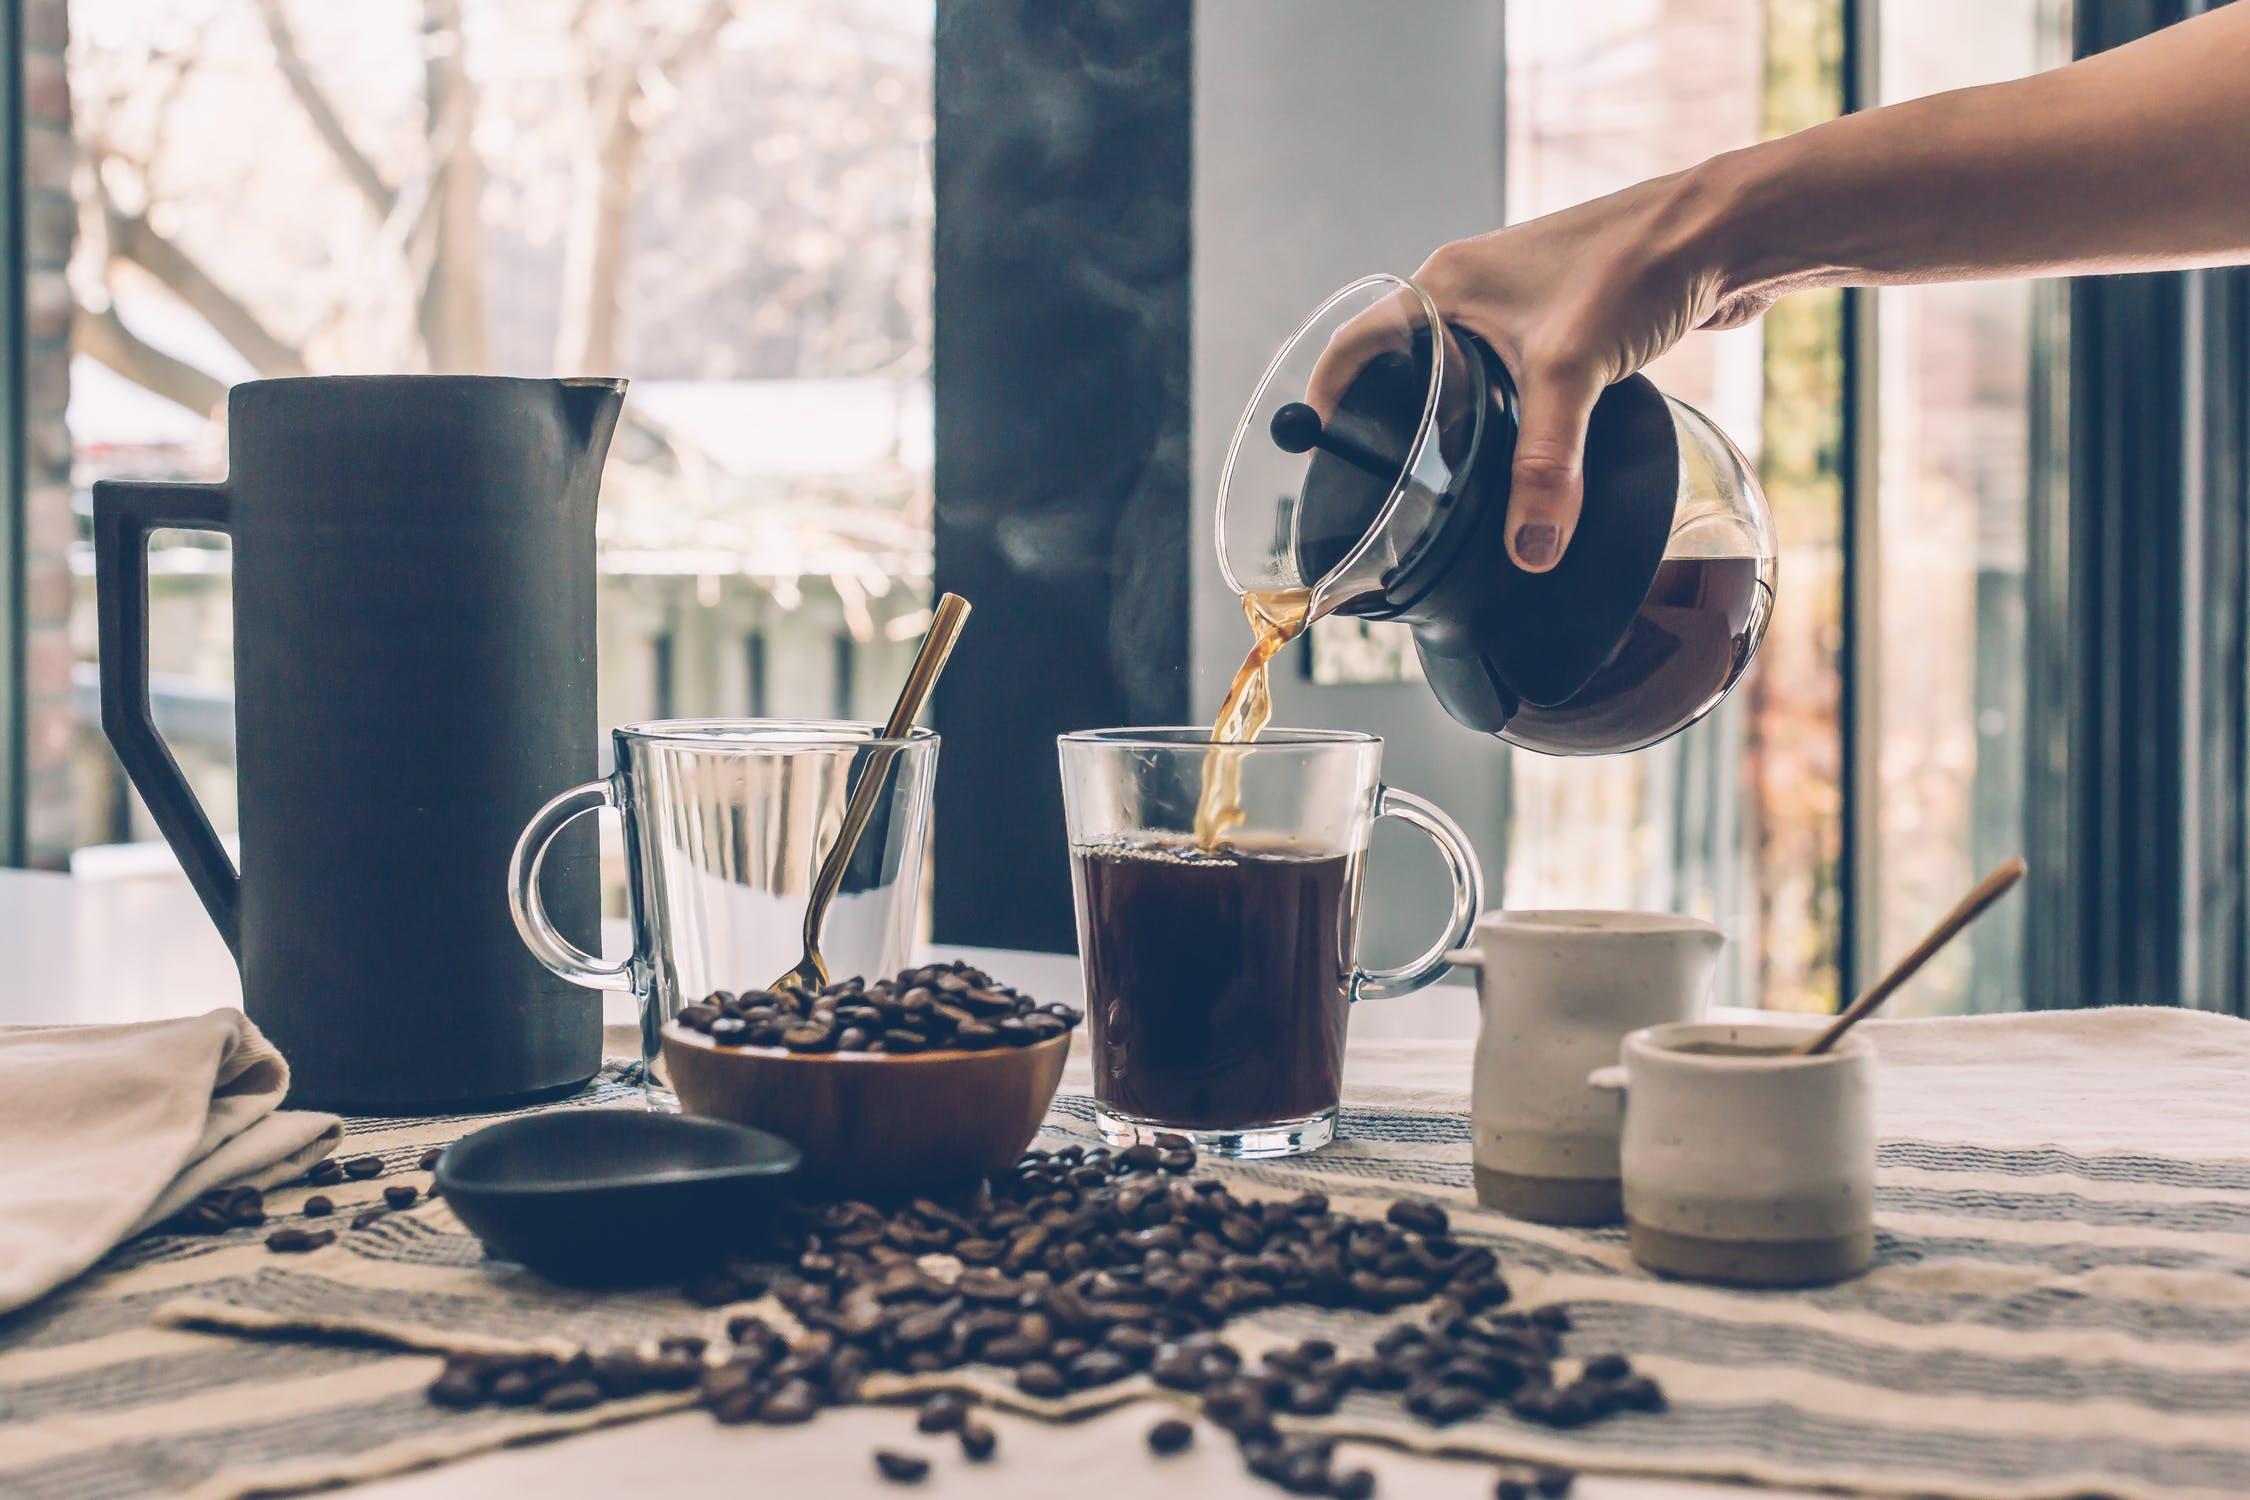 Kaffee kann müde machen